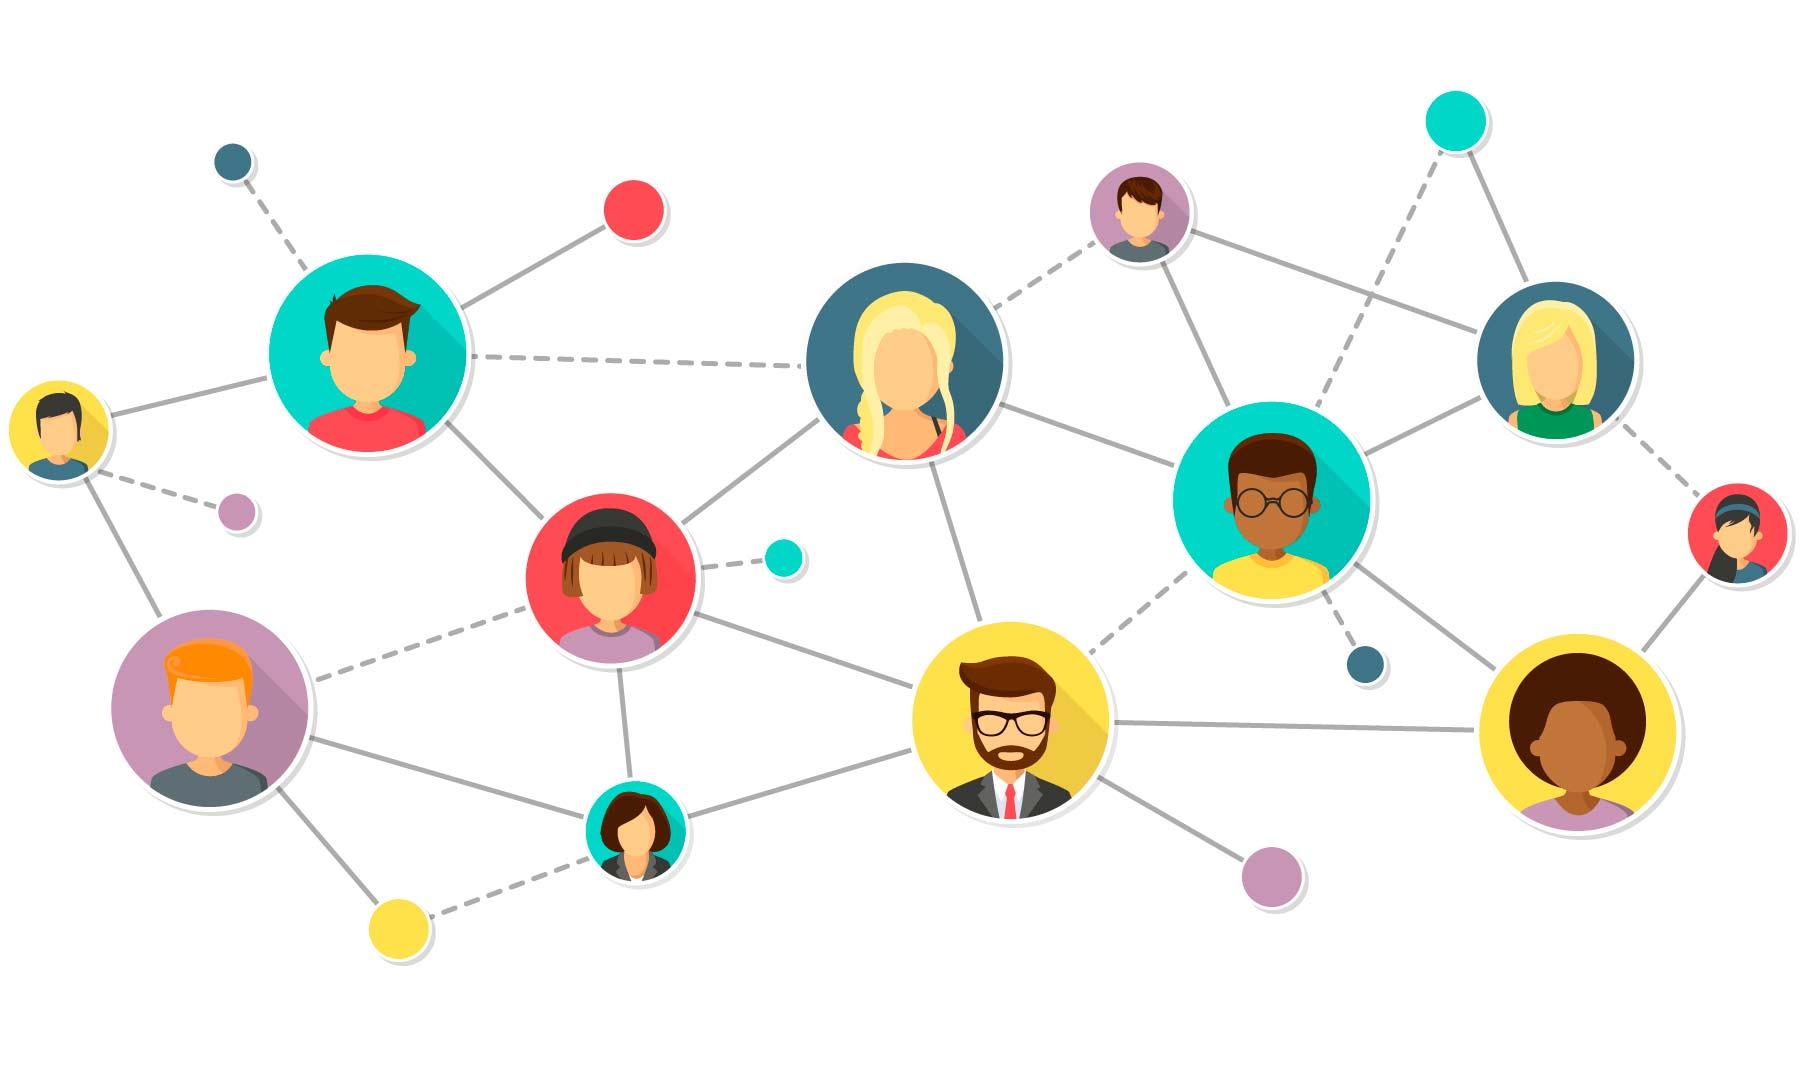 Qué es networking | Definición, tipos, para qué sirve y cómo hacerlo